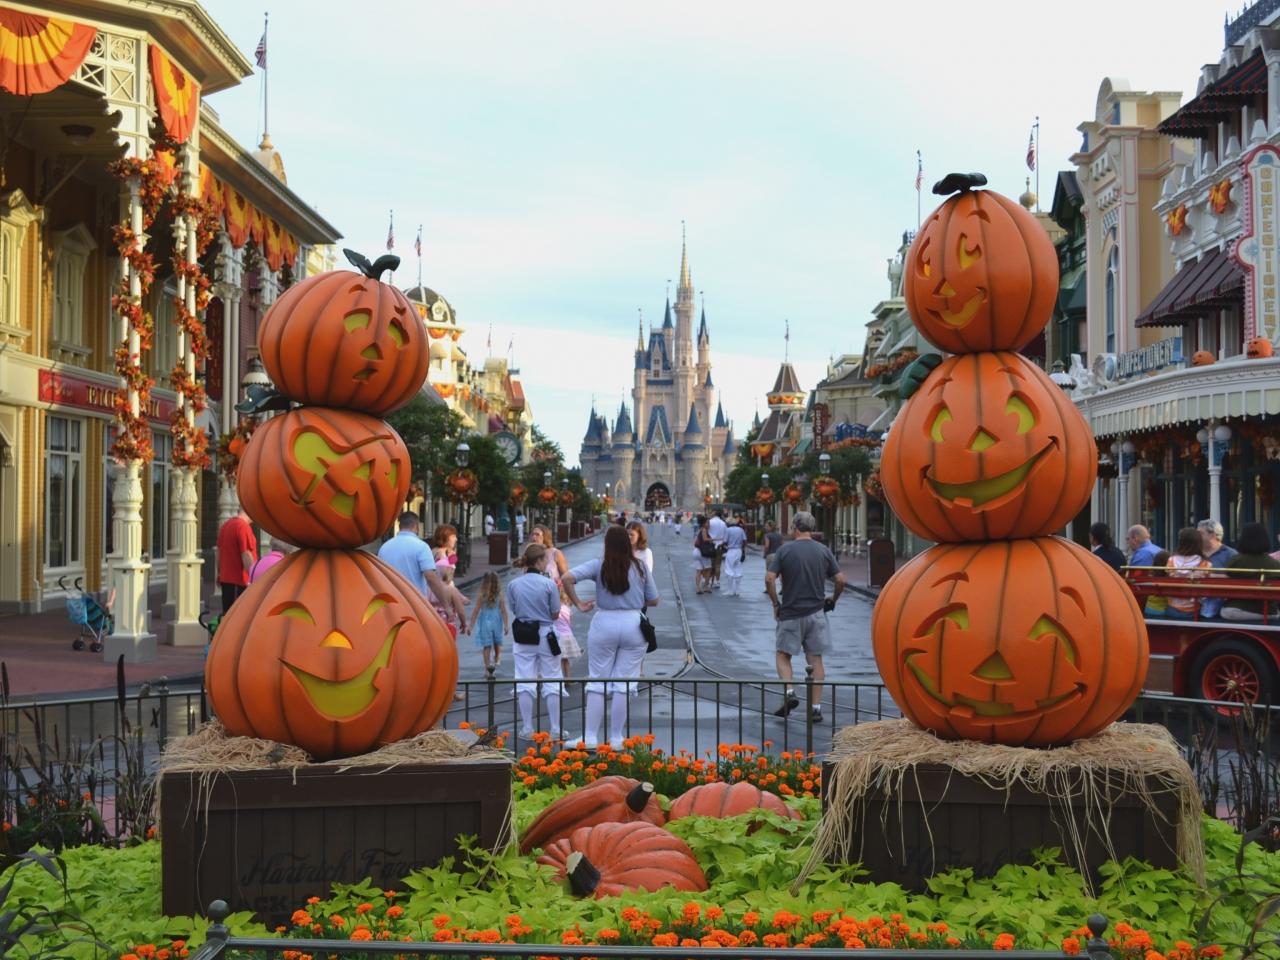 Calles decoradas por halloween - 1280x960